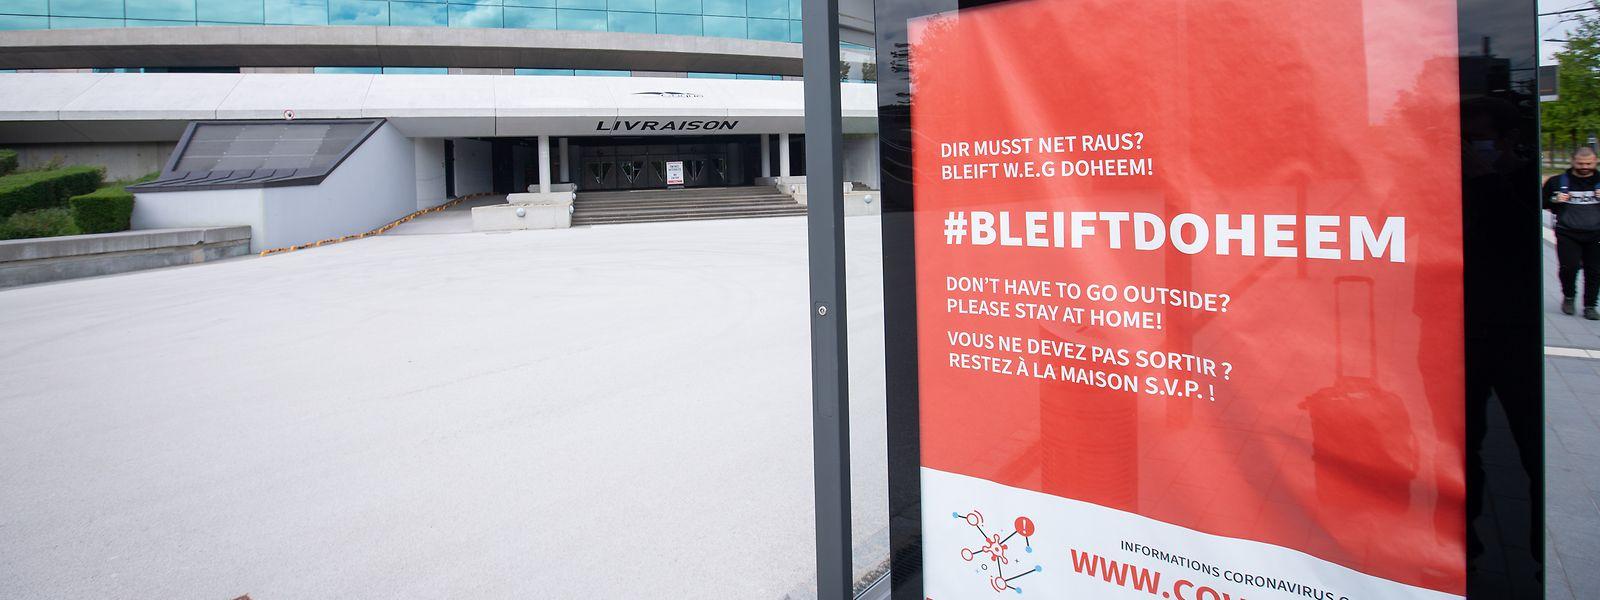 """Das Motto """"Bleift Doheem"""" gilt zurzeit wieder für fast alle Sportler. Nur Eliteathleten dürfen noch in der Coque trainieren."""